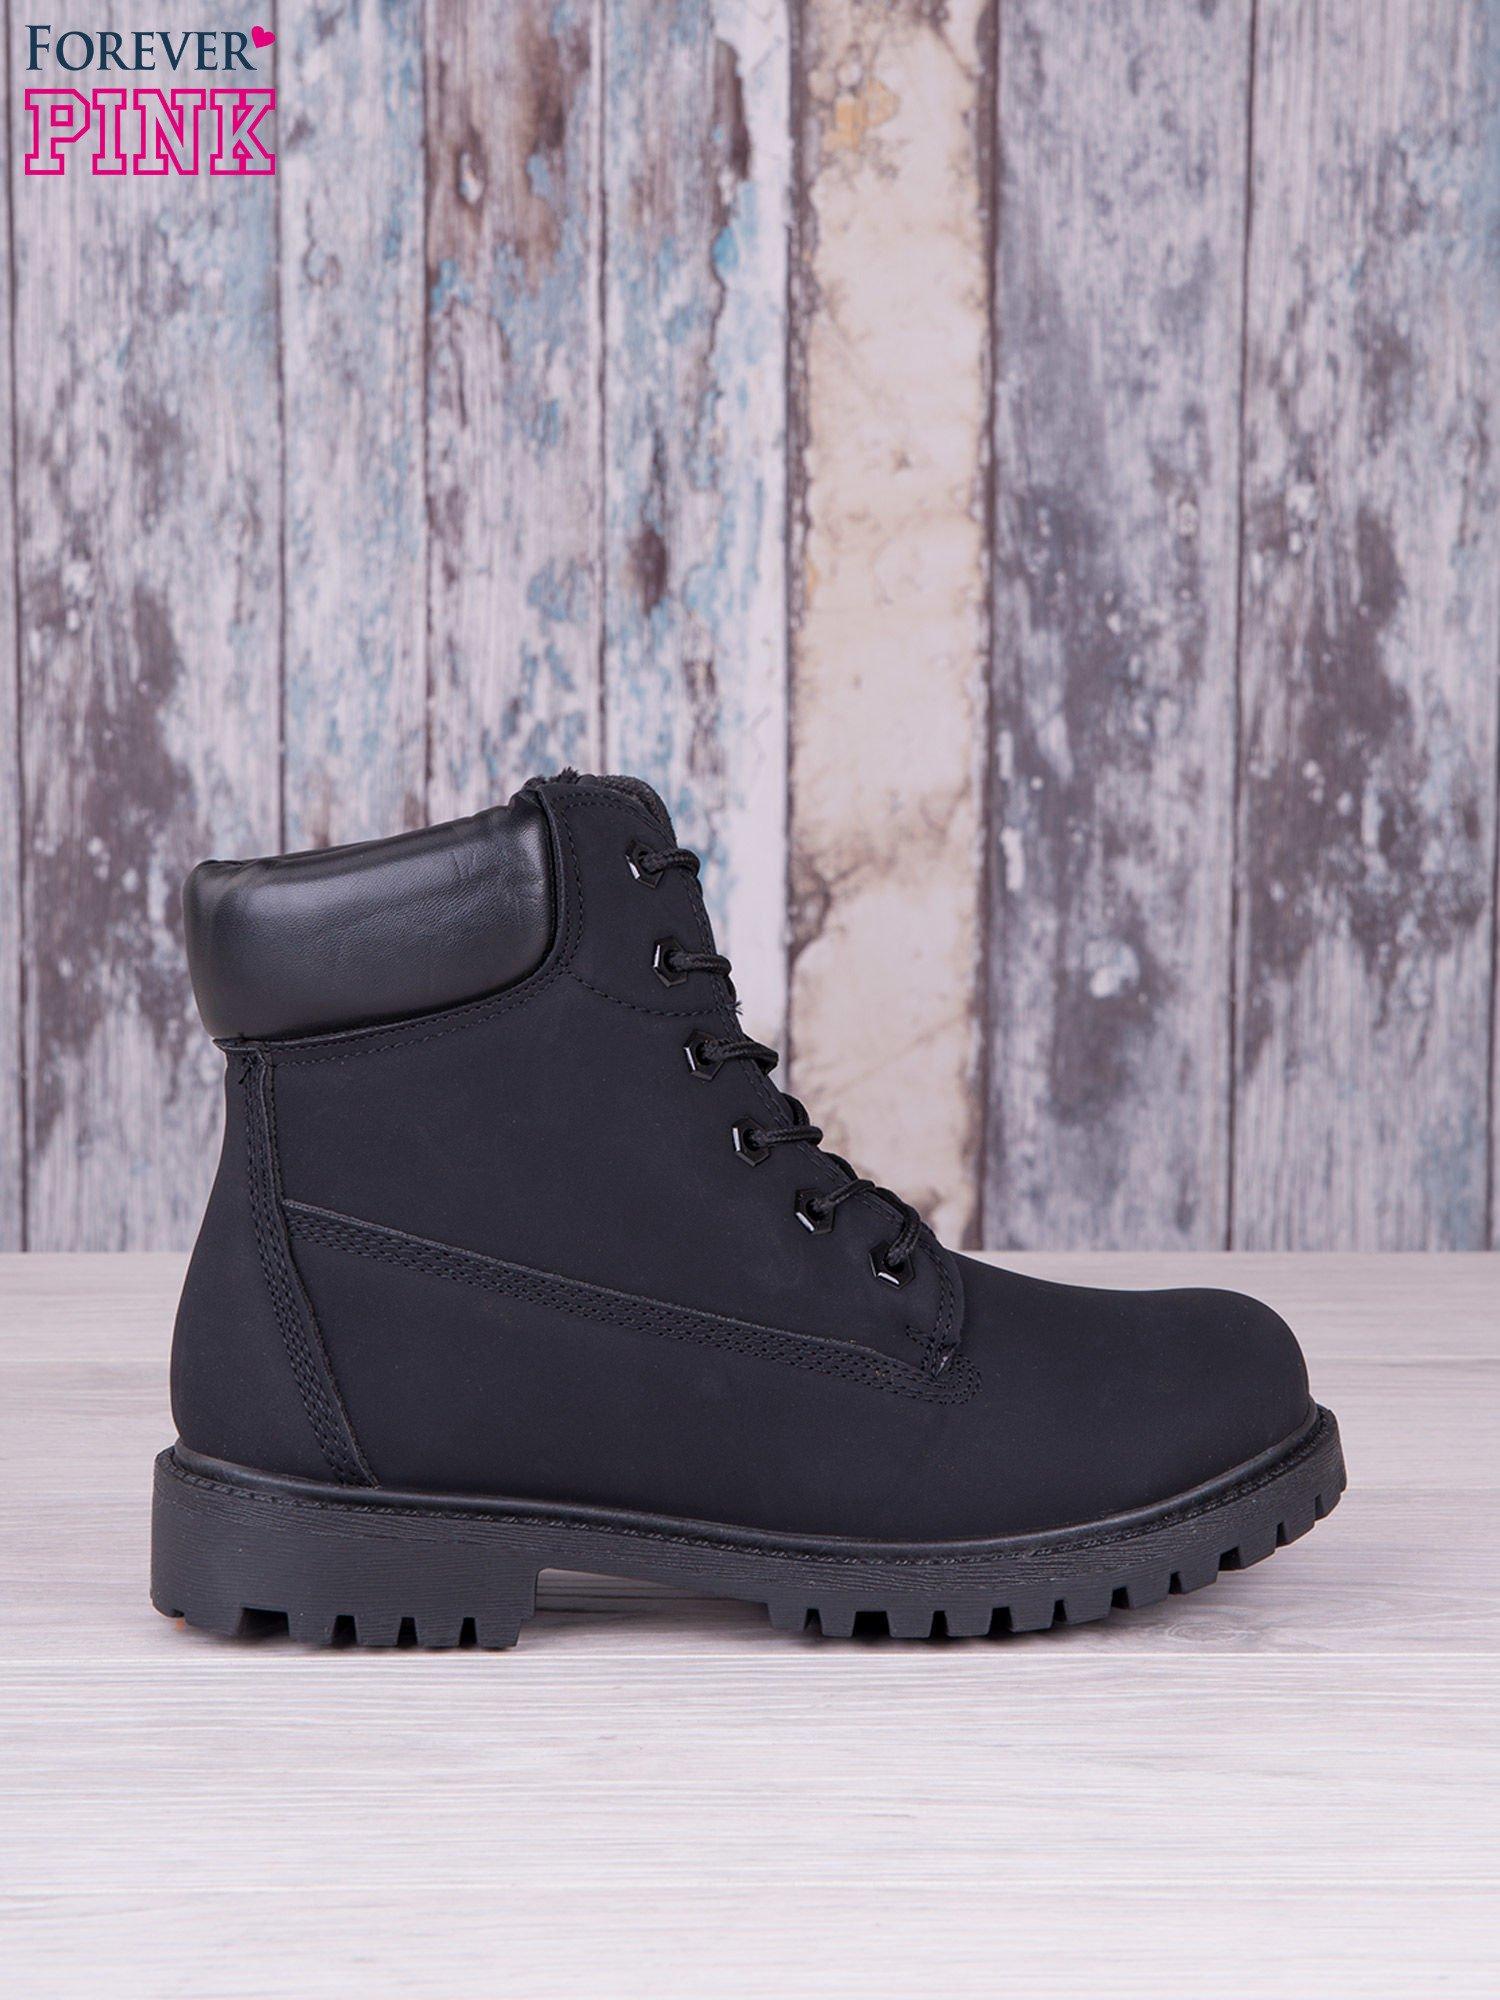 Czarne jednolite buty trekkingowe Westie damskie traperki ocieplane                                  zdj.                                  1